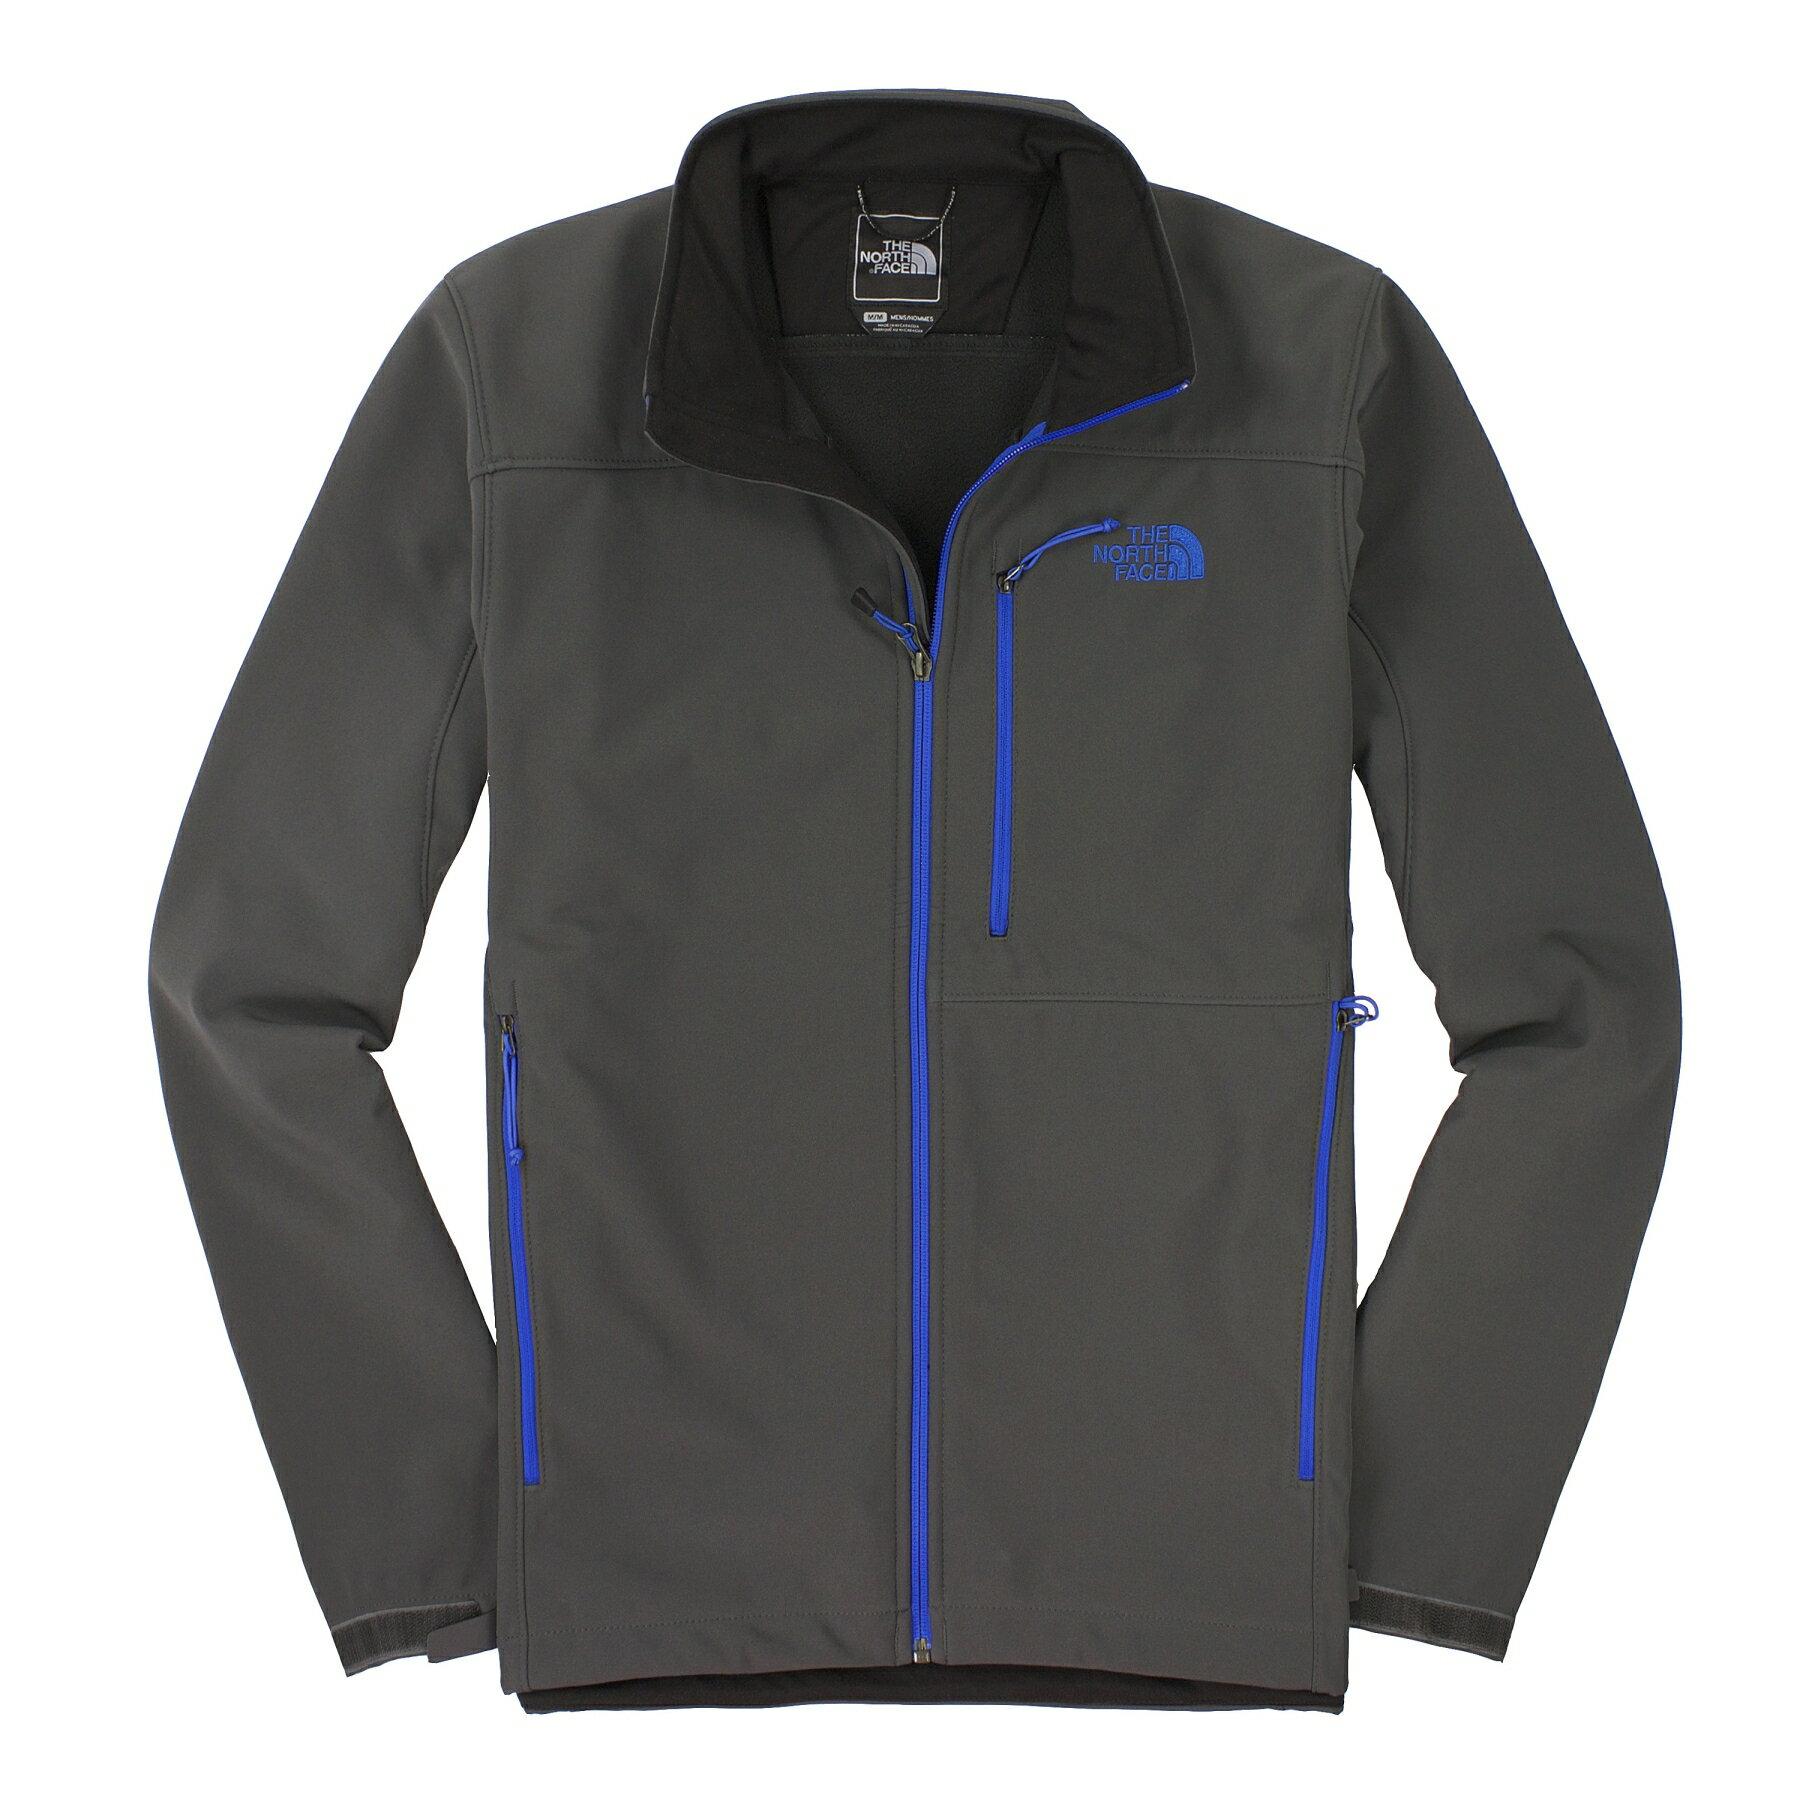 美國百分百【全新真品】The North Face 外套 TNF 夾克 軟殼 北臉 灰 透氣 防風 防水 男衣 M號 C183